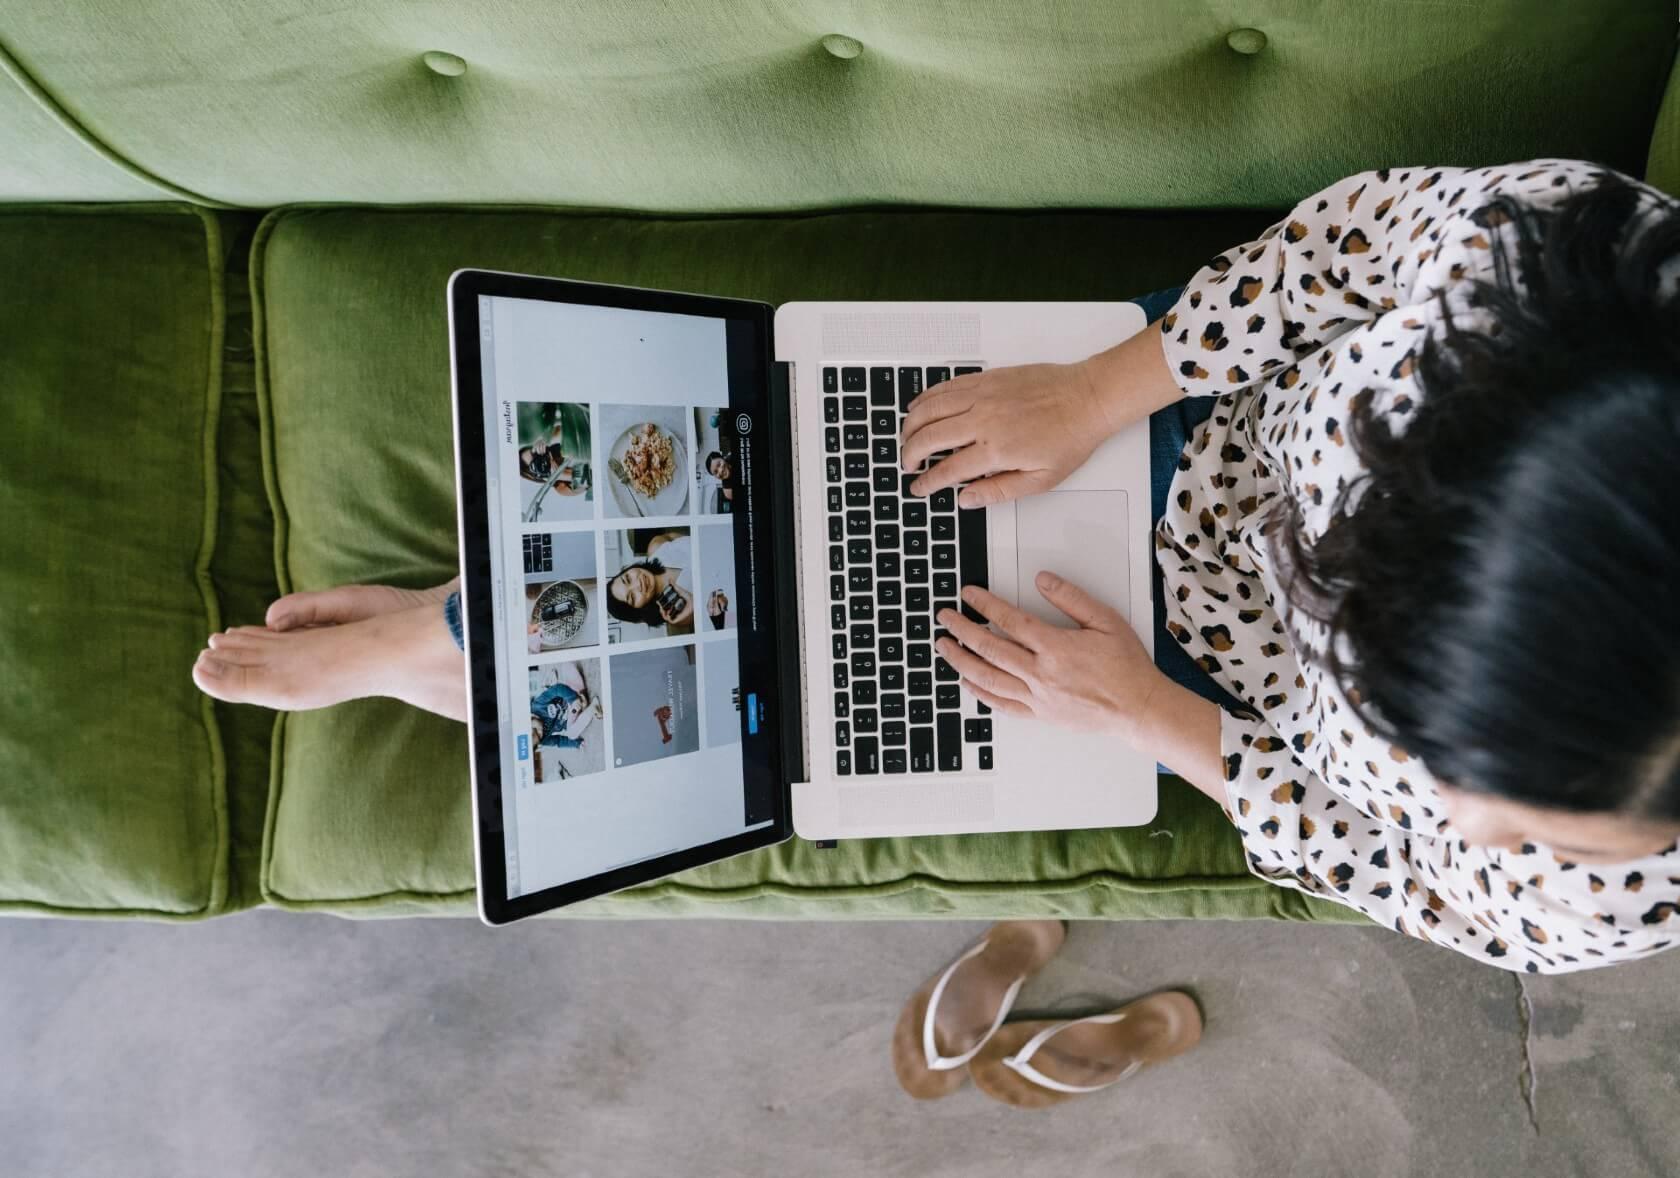 Что такое mba и почему набирает популярность digital mba: ключевые особенности обучения